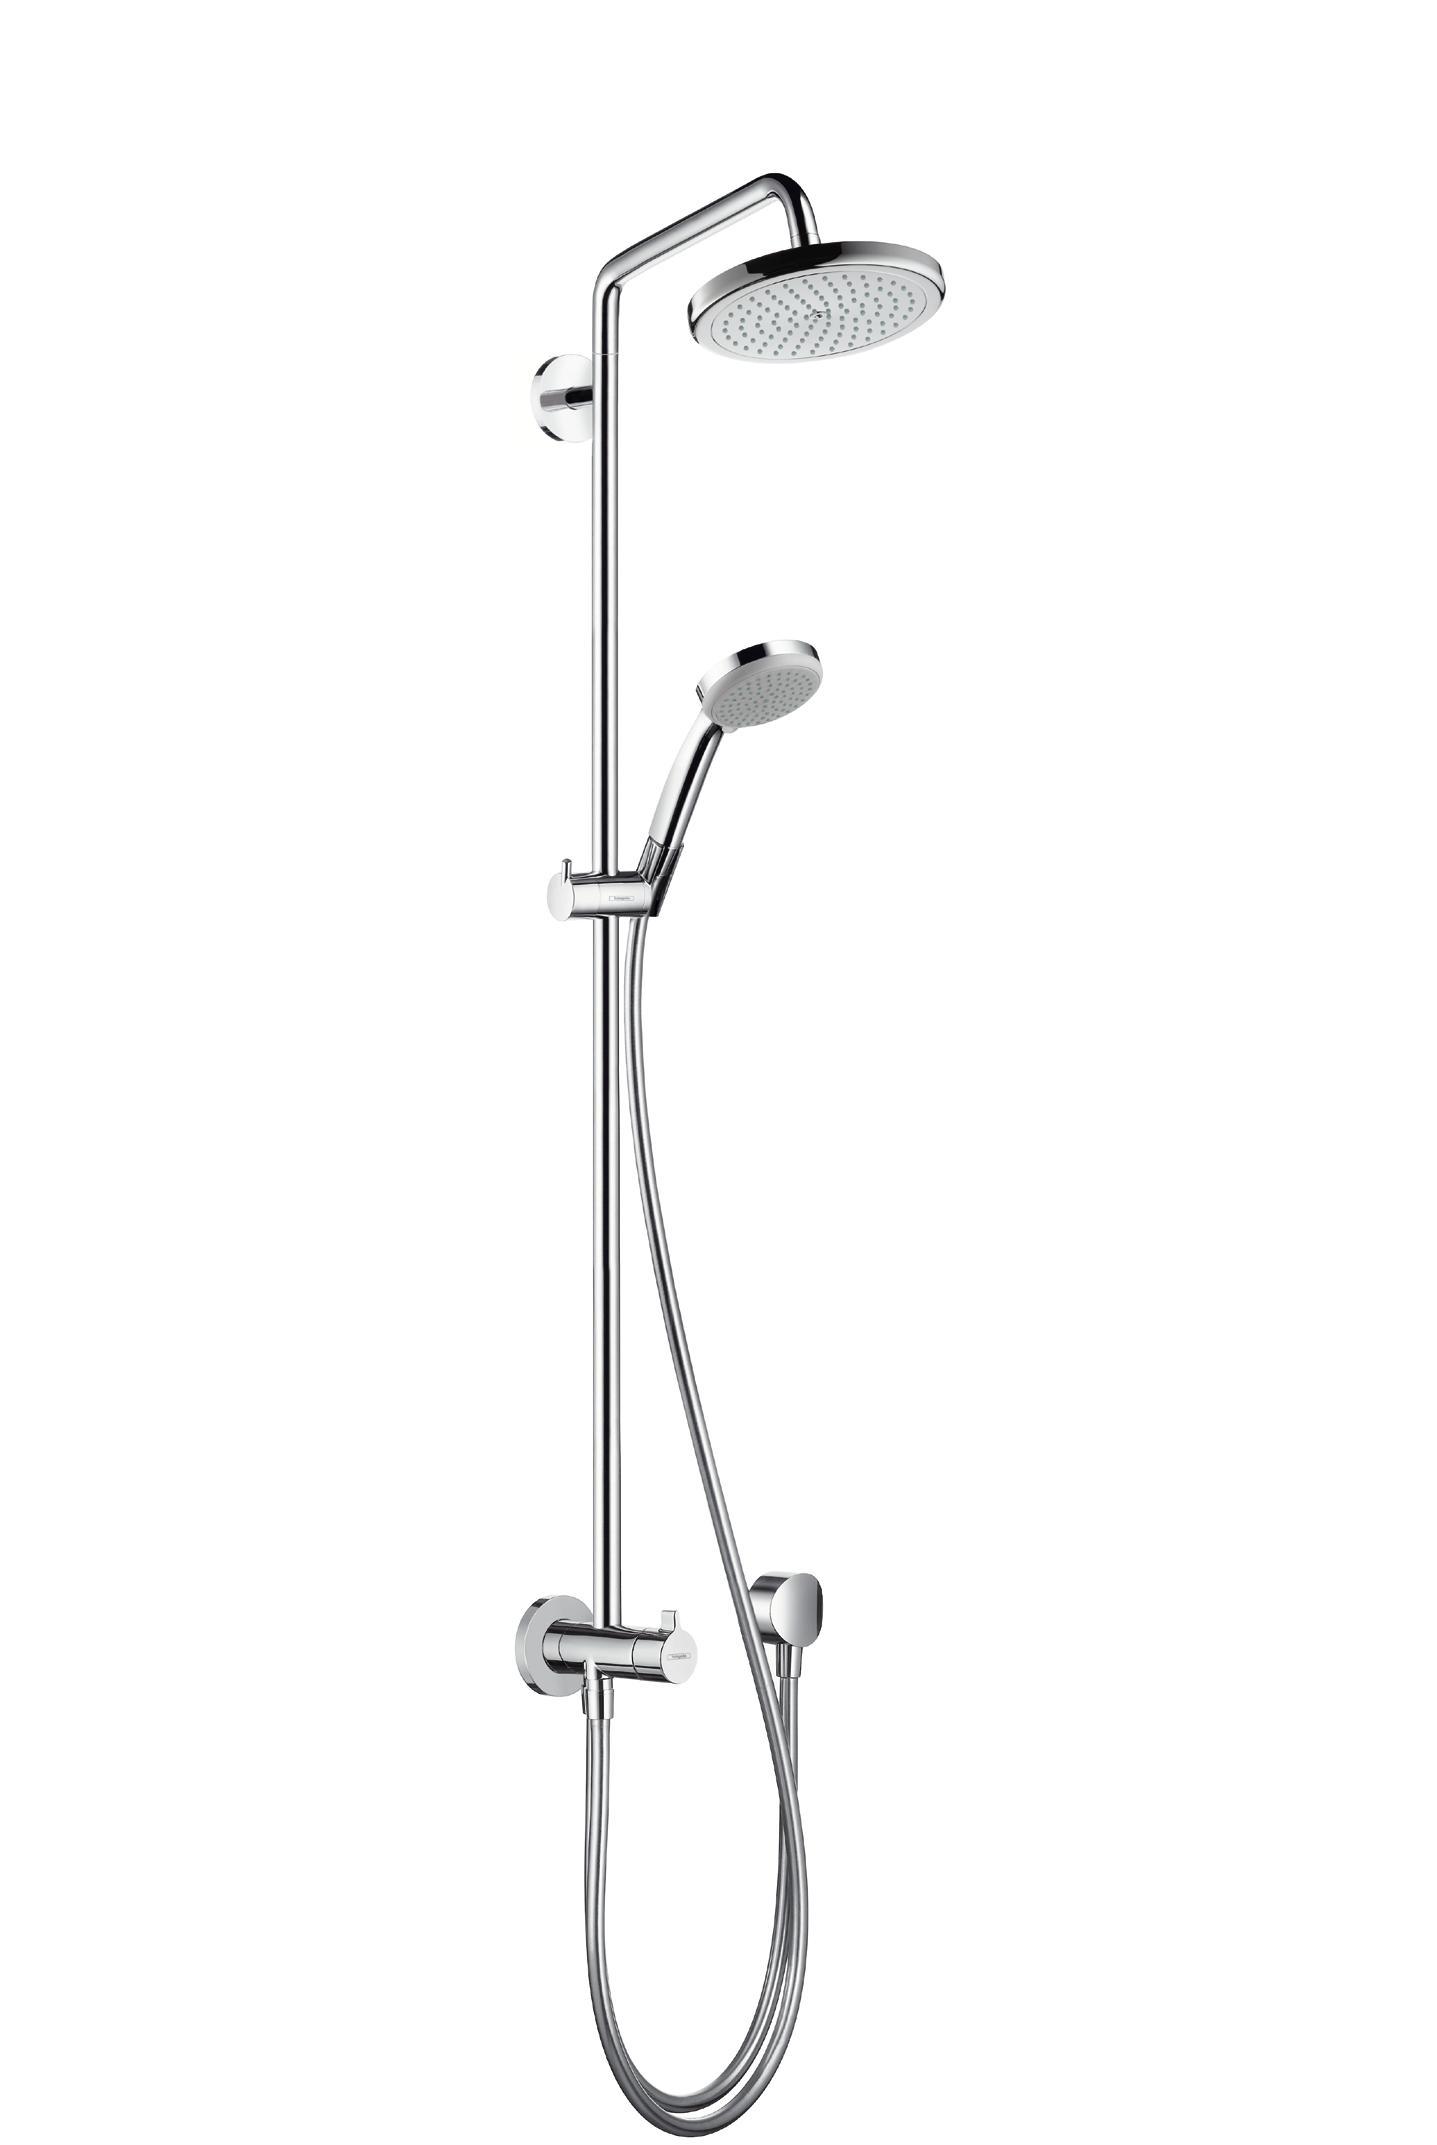 Hansgrohe colonne de douche showerpipe pour baignoire - Colonne de douche hansgrohe ...